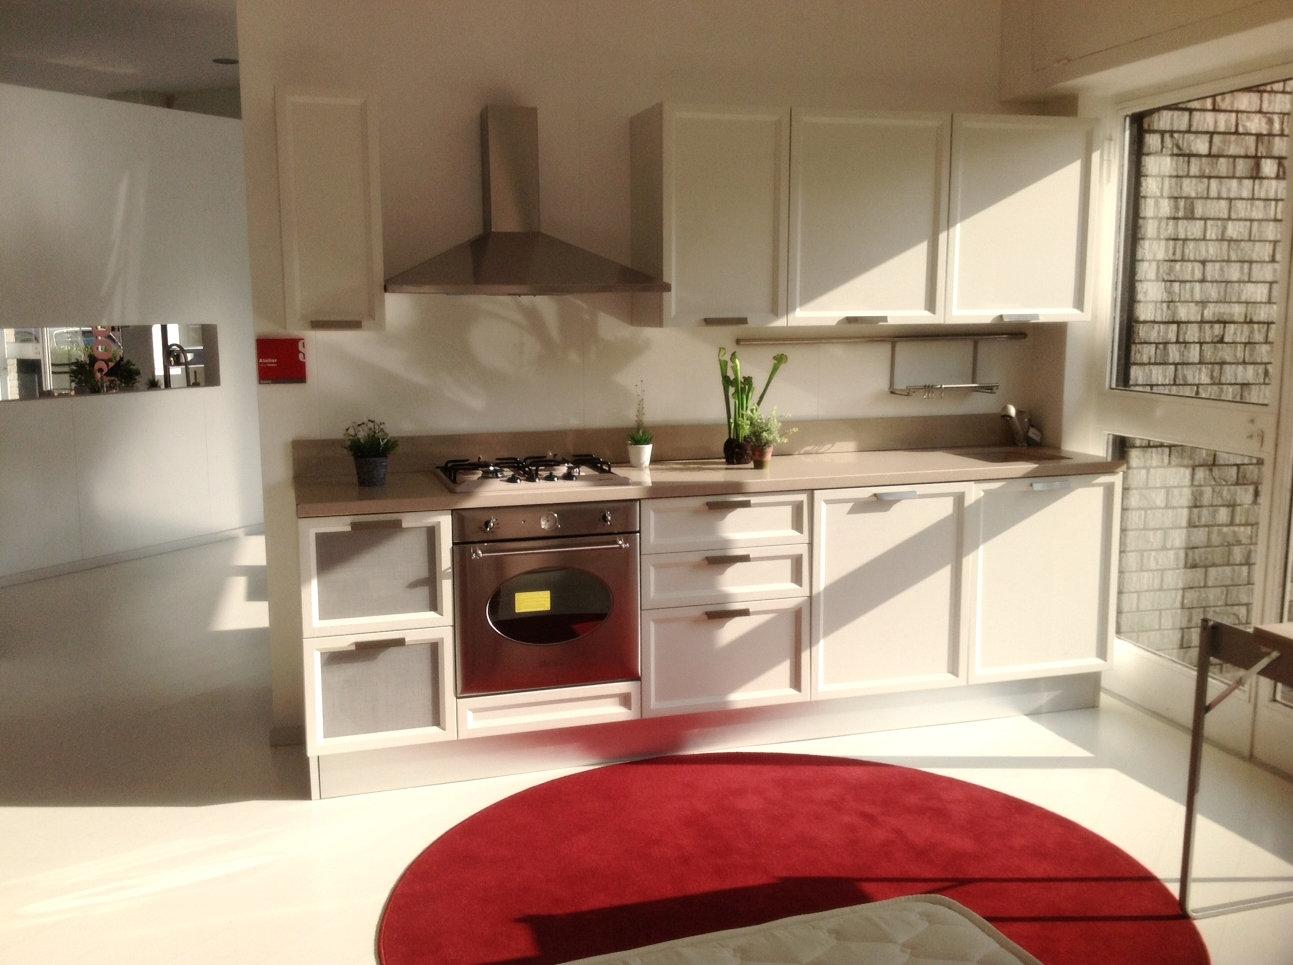 Scavolini atelier basic cucine a prezzi scontati - Prezzo cucine scavolini ...